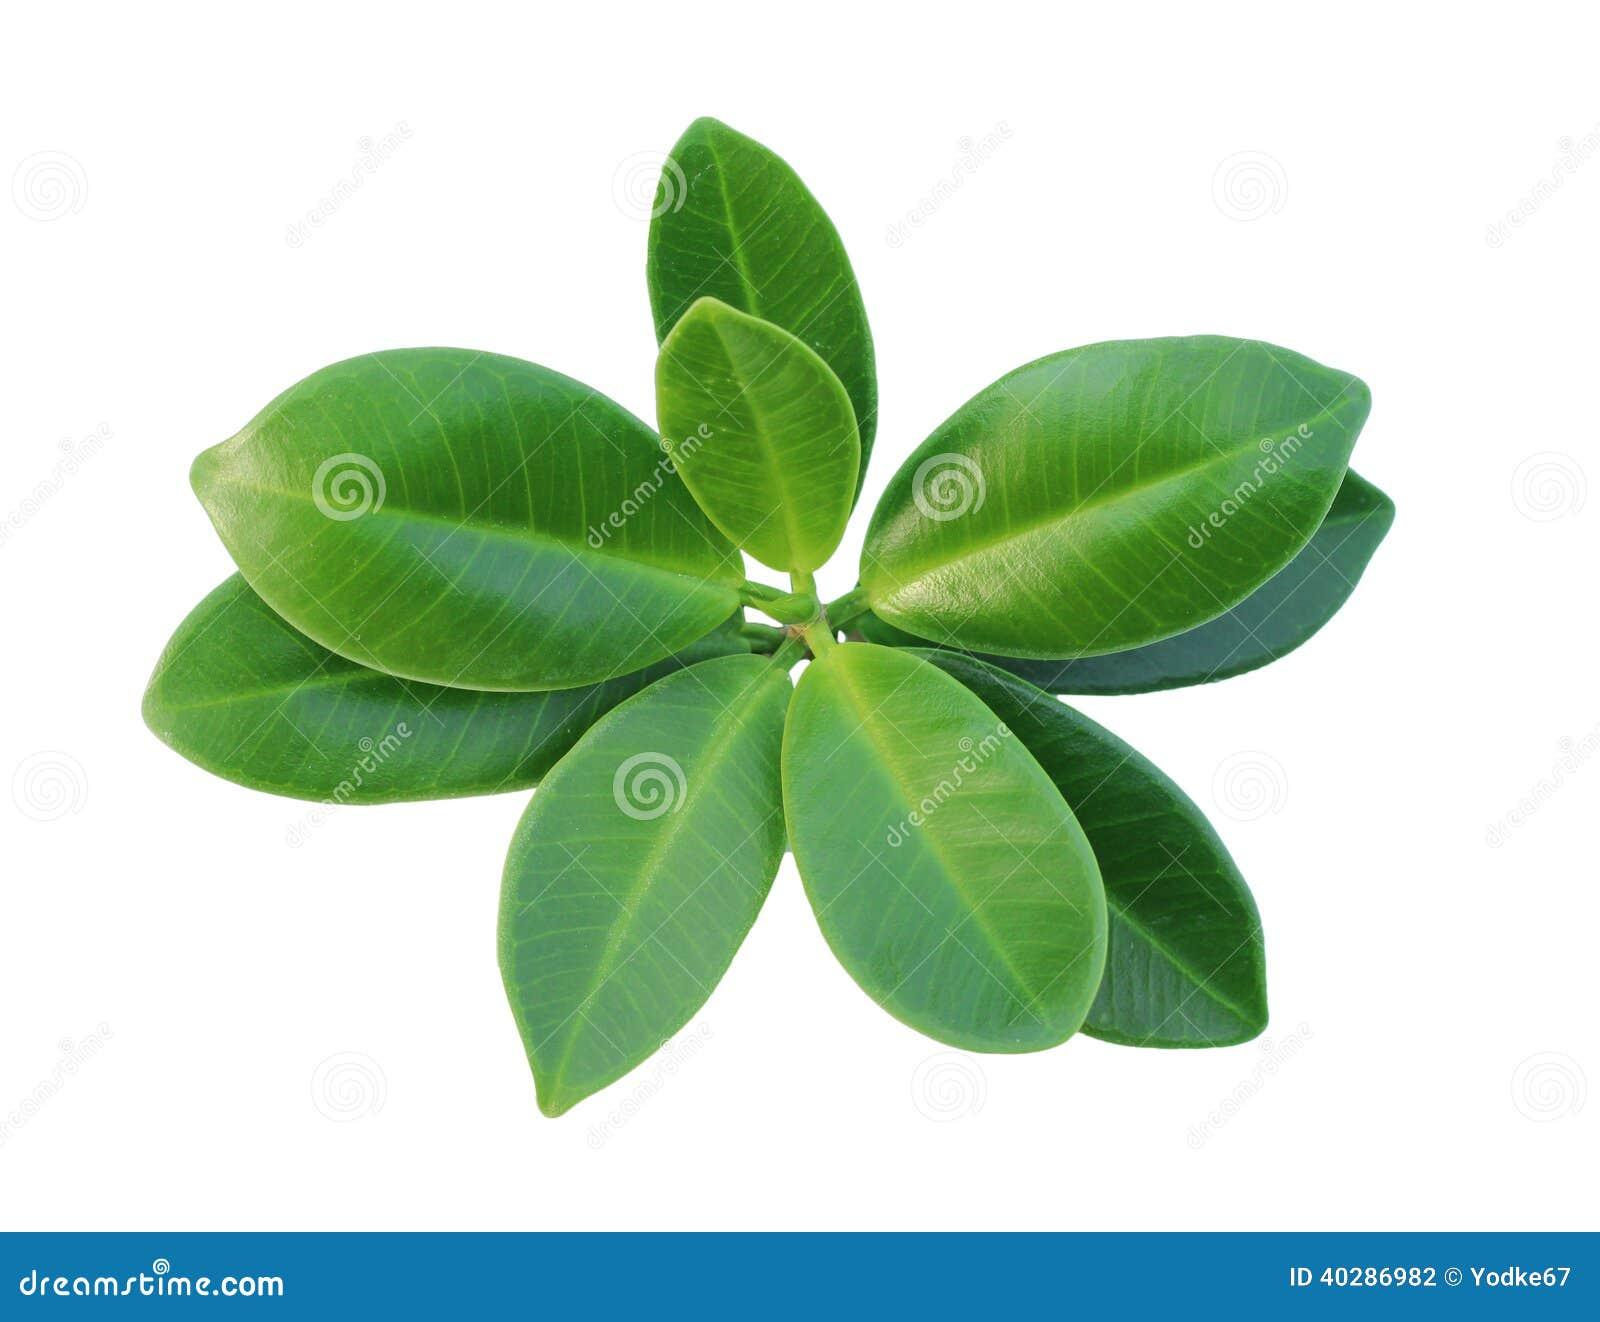 Зеленые изолированные лист